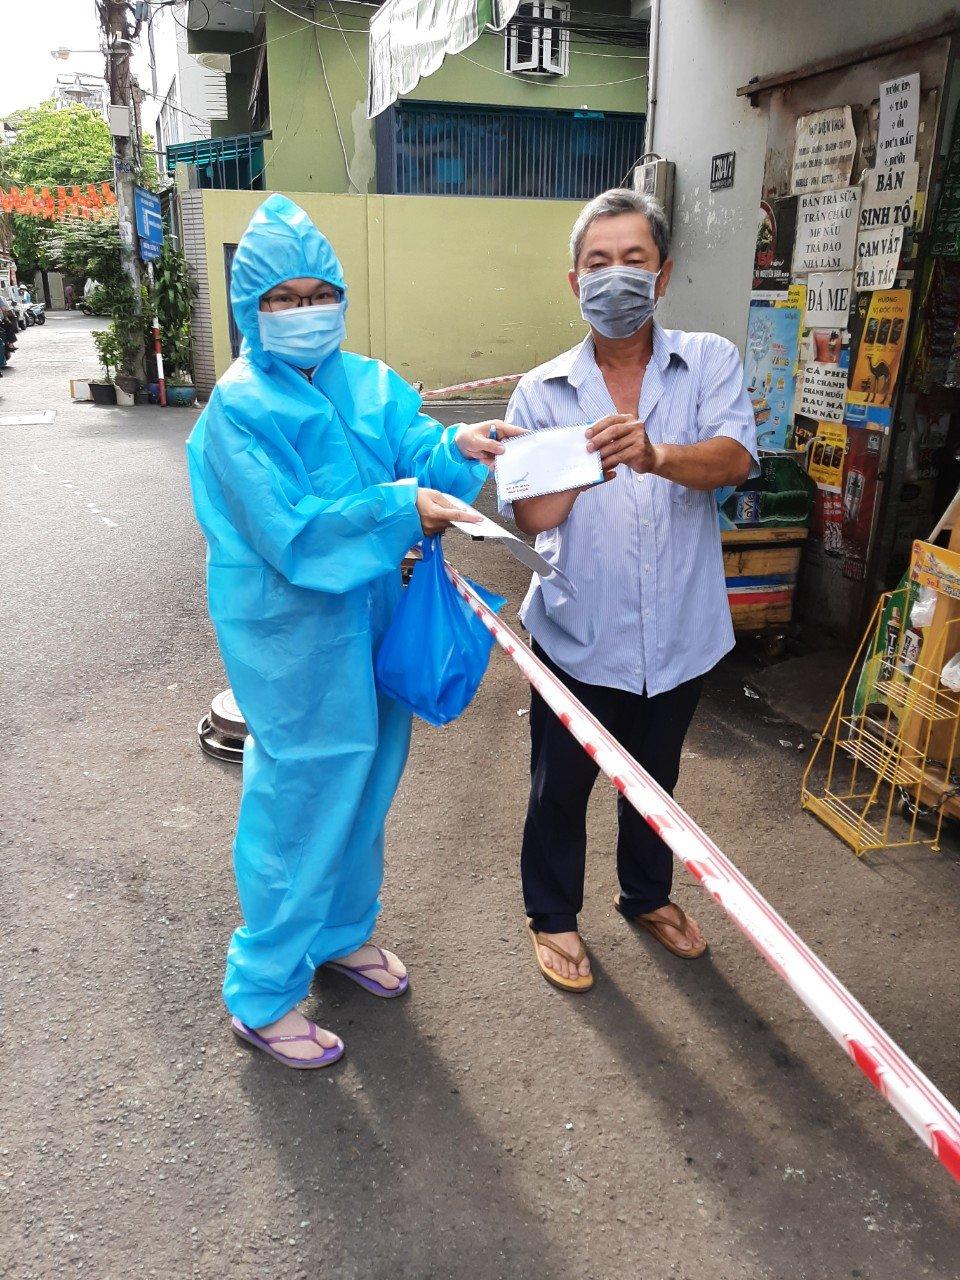 Cán bộ quận Phú Nhuận trao tận tay số tiền hỗ trợ cho đối tượng lao động tự do trên địa bàn.